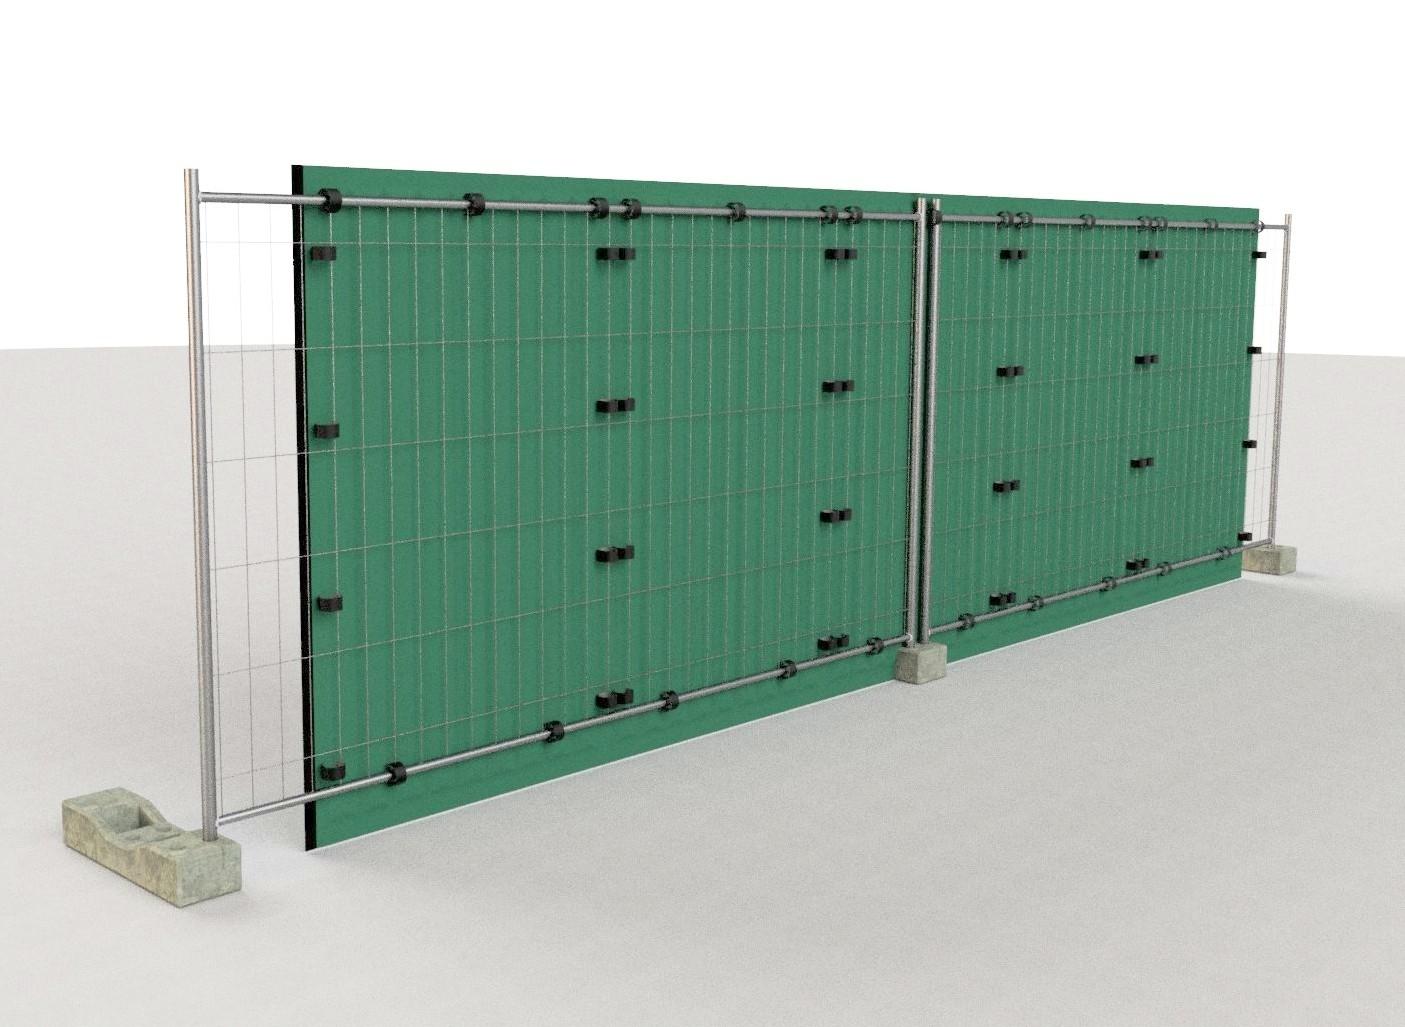 Barriera antirumore da cantiere su recinzione - pannelli Rapida